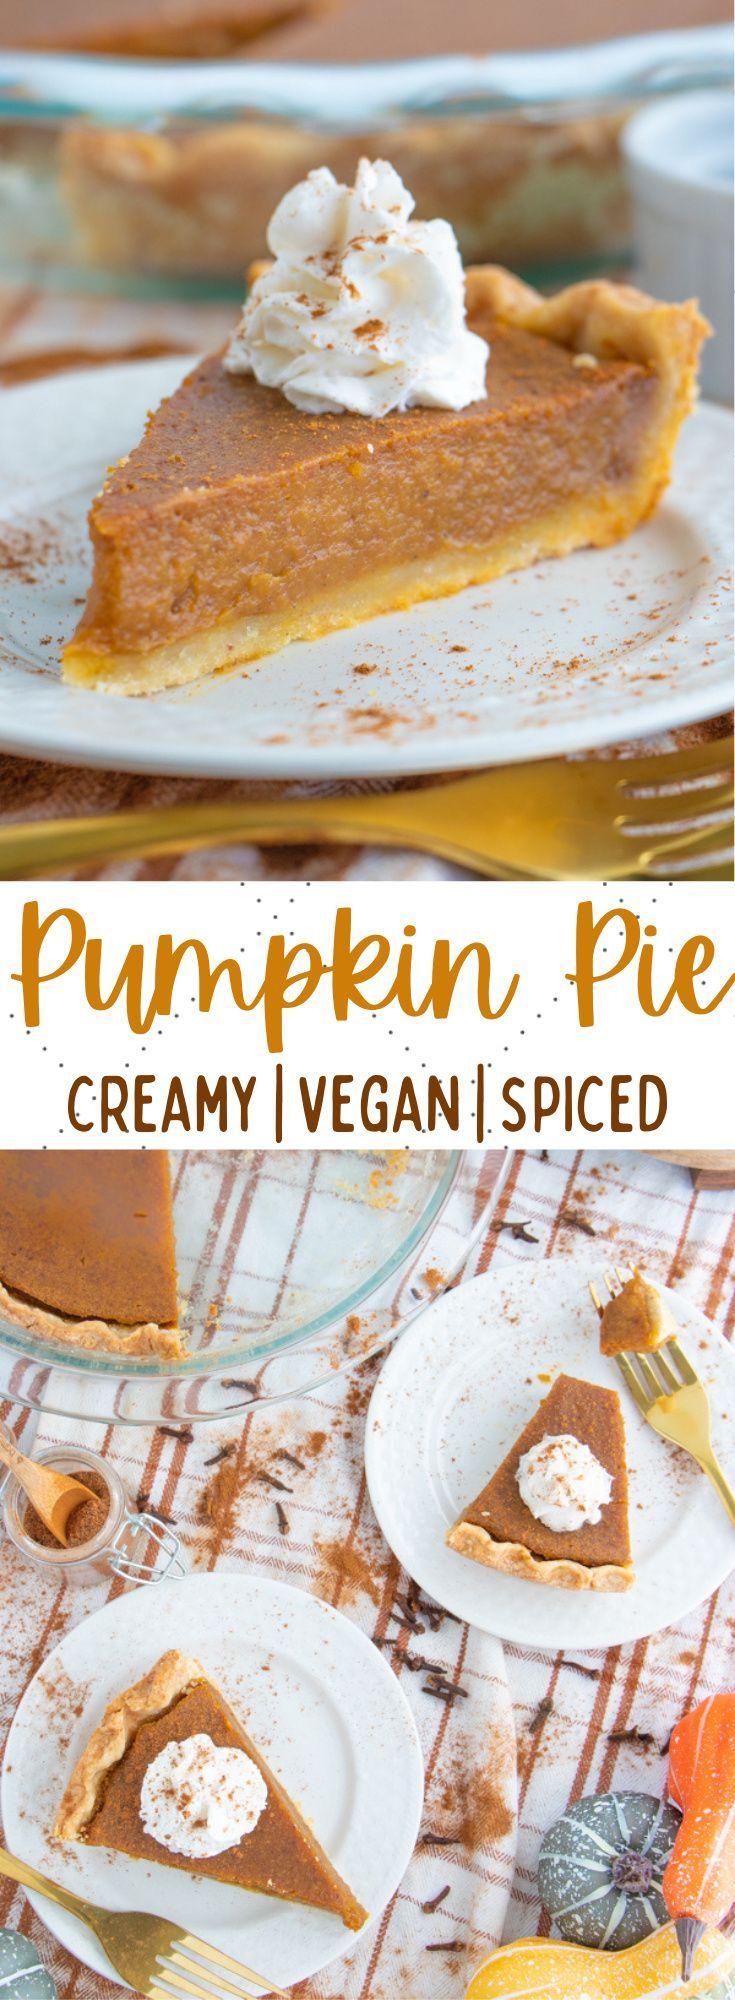 Easy Tastes Like Chicken Vegan Pot Pies Recipe Rhubarbarians Recipe Vegan Pot Pie Recipe Vegan Pot Pies Pot Pies Recipes